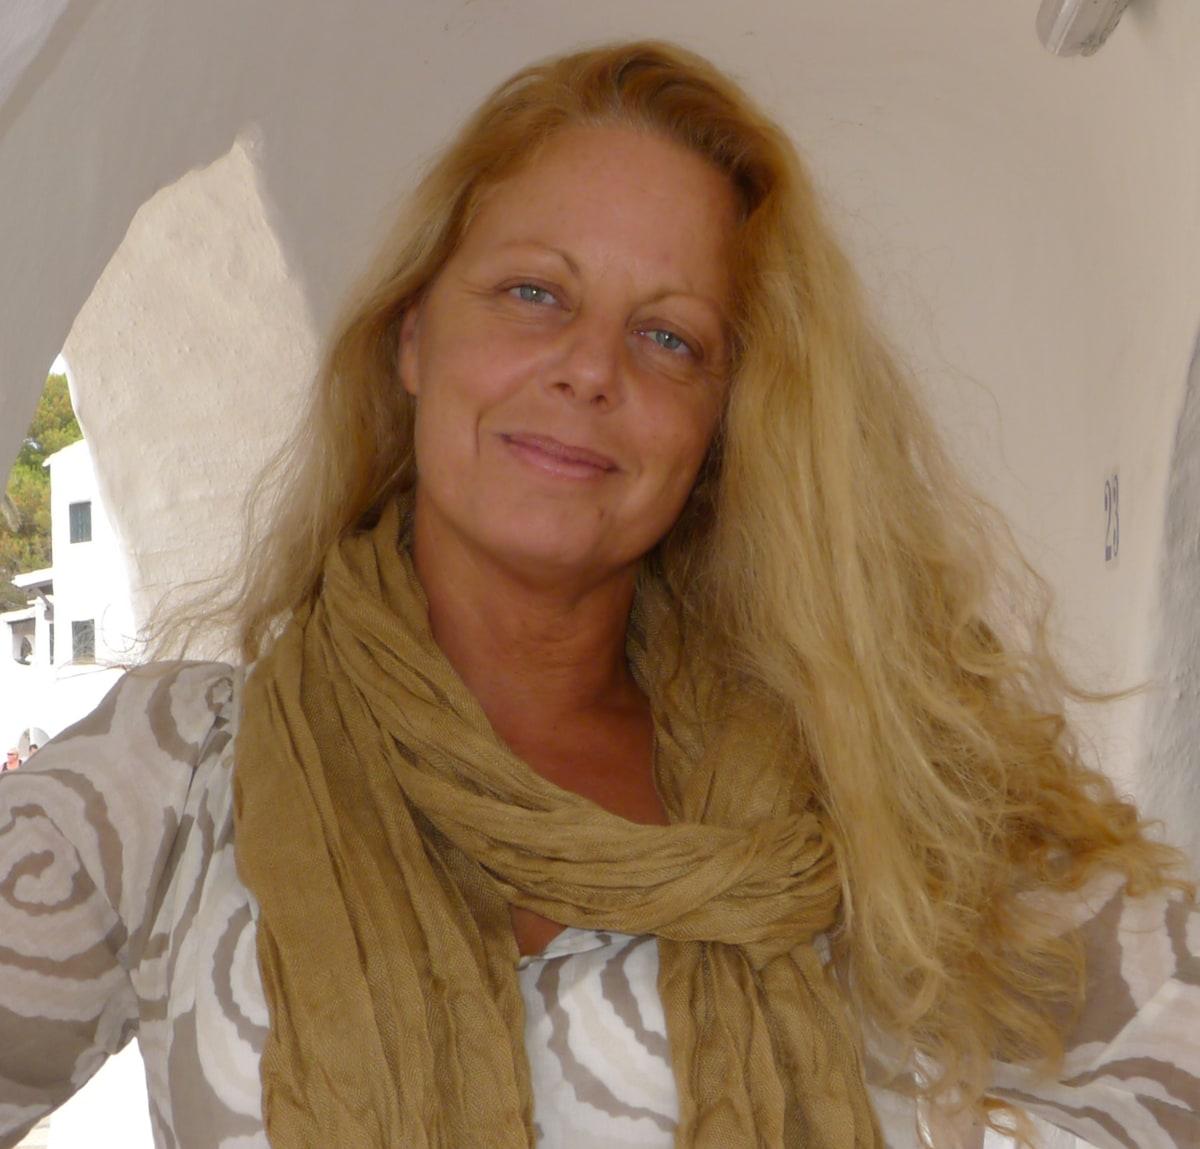 Me llamo Antonia, nací y vivo en Menorca. Amante d